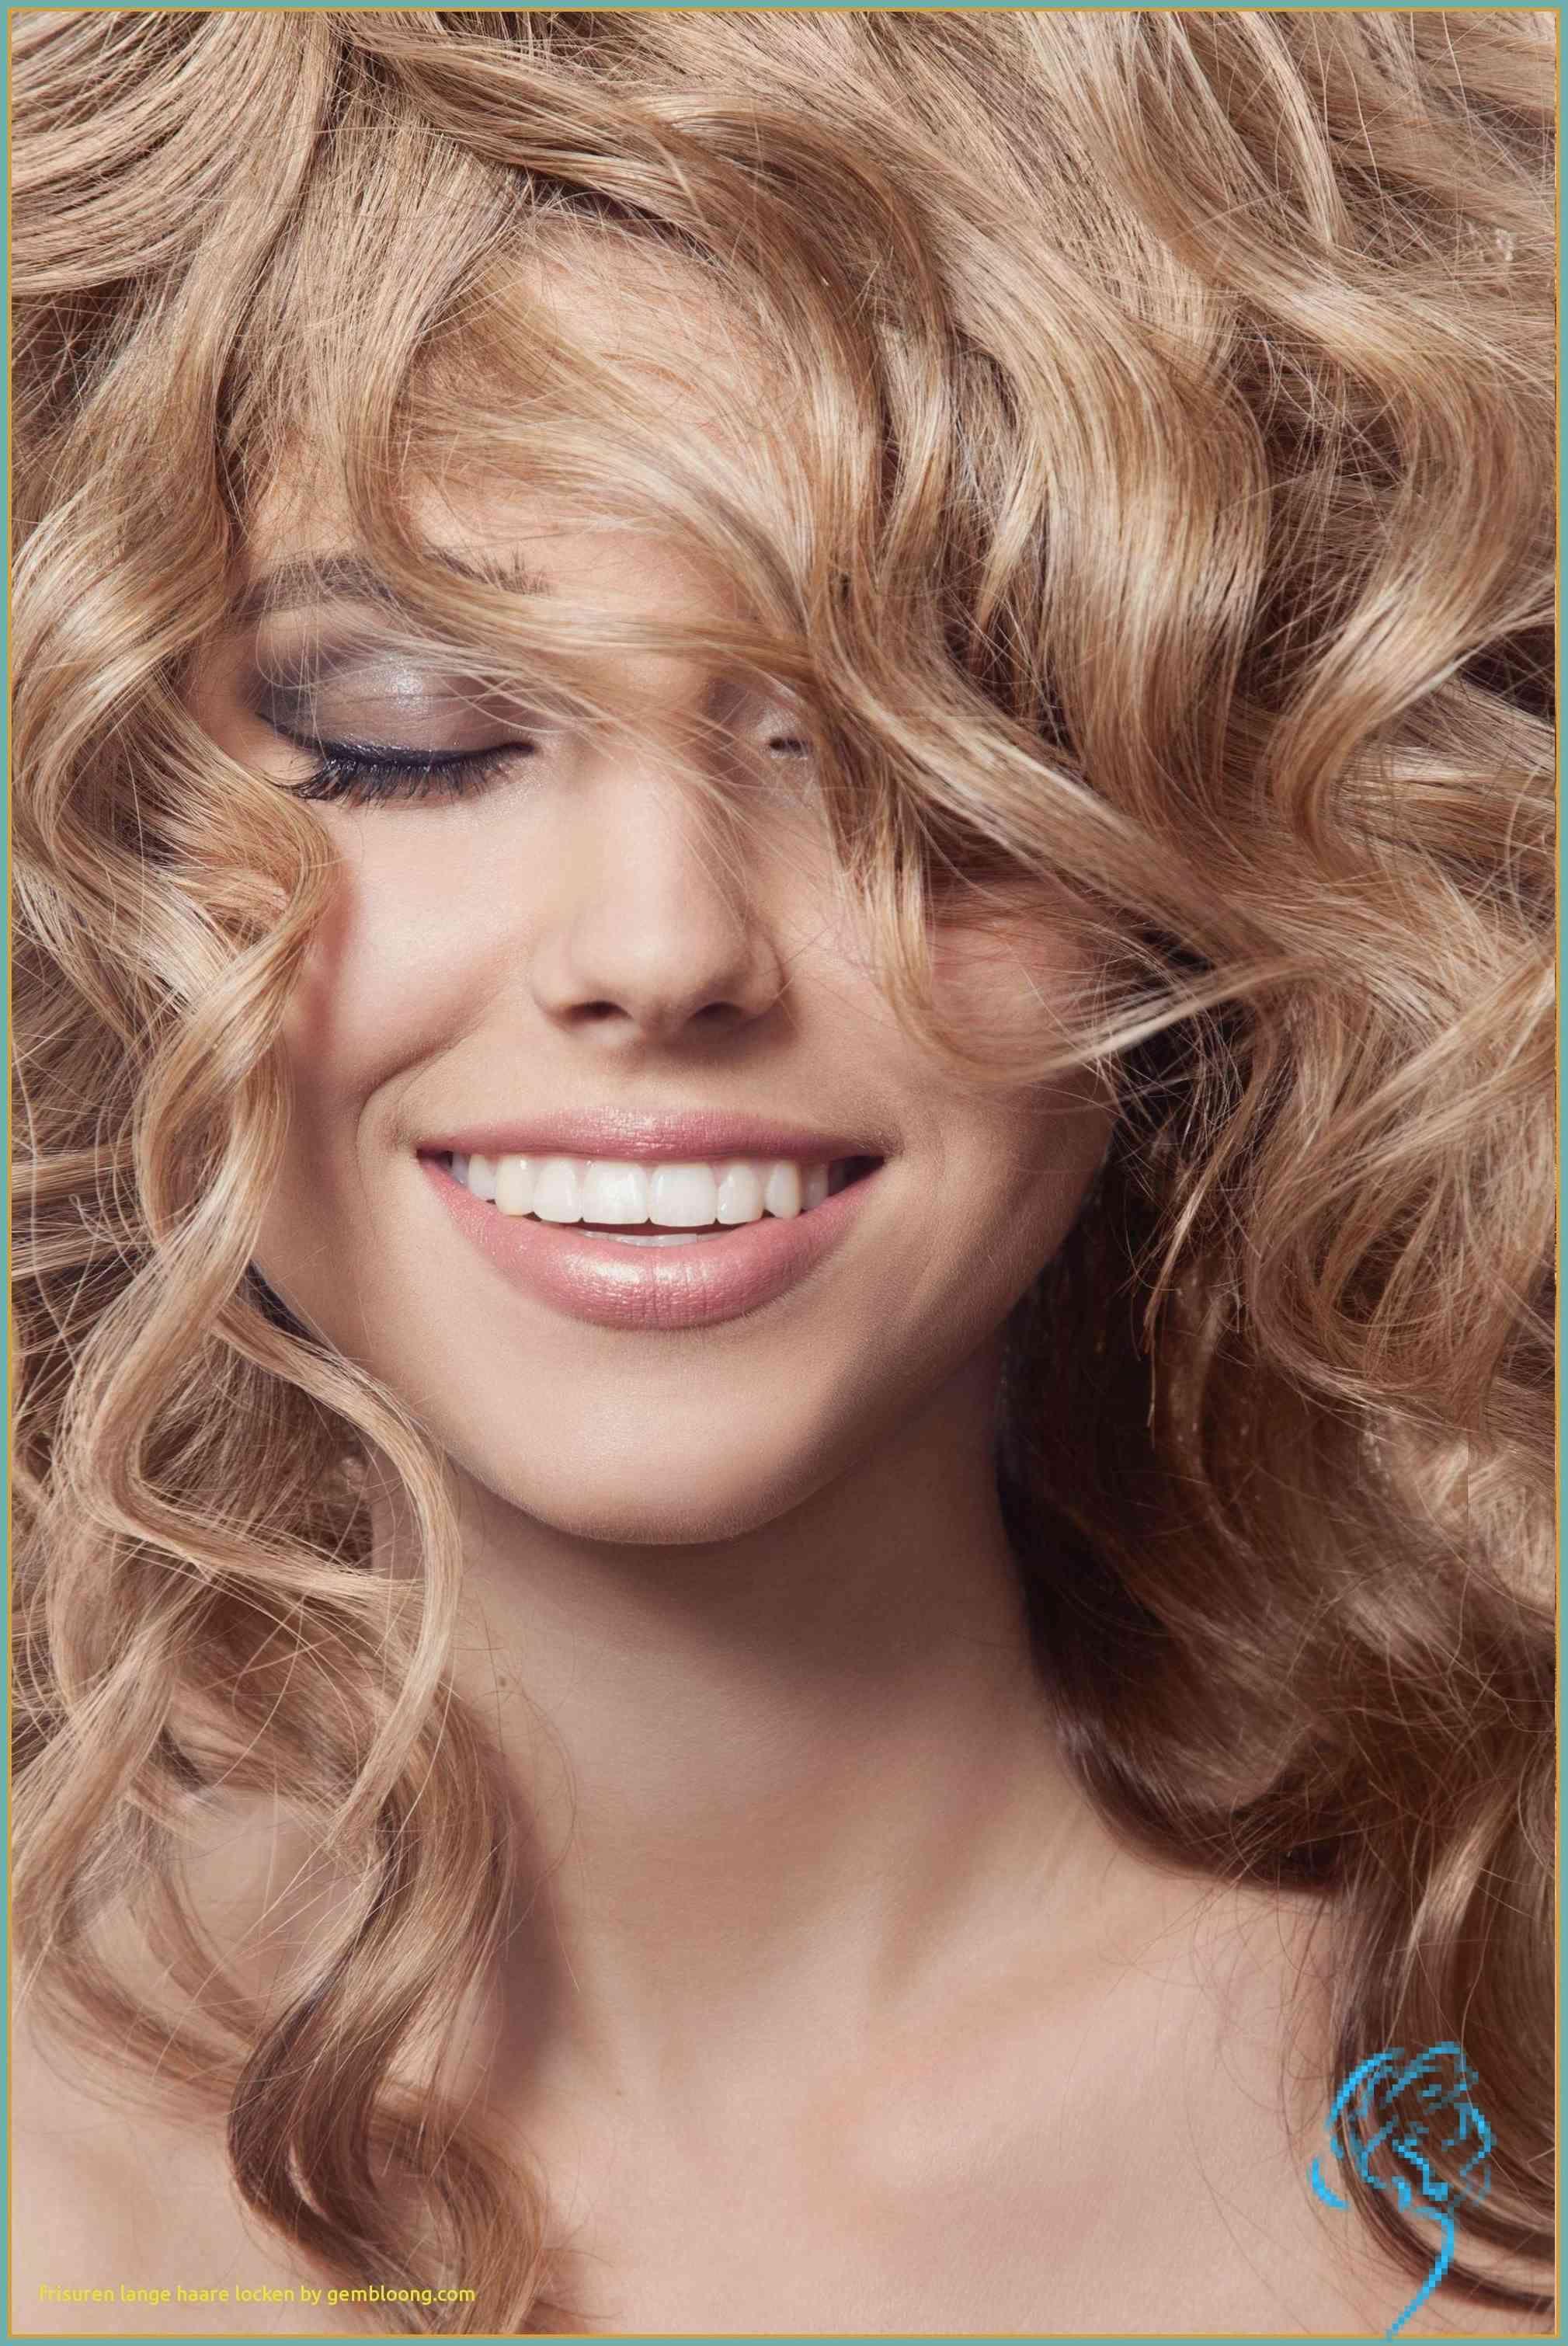 Am Besten Frisuren Die Alter Machen Beste Modetrends Damen Frisuren Dauerwelle Kosten Dauerwelle Lange Lockenfrisuren